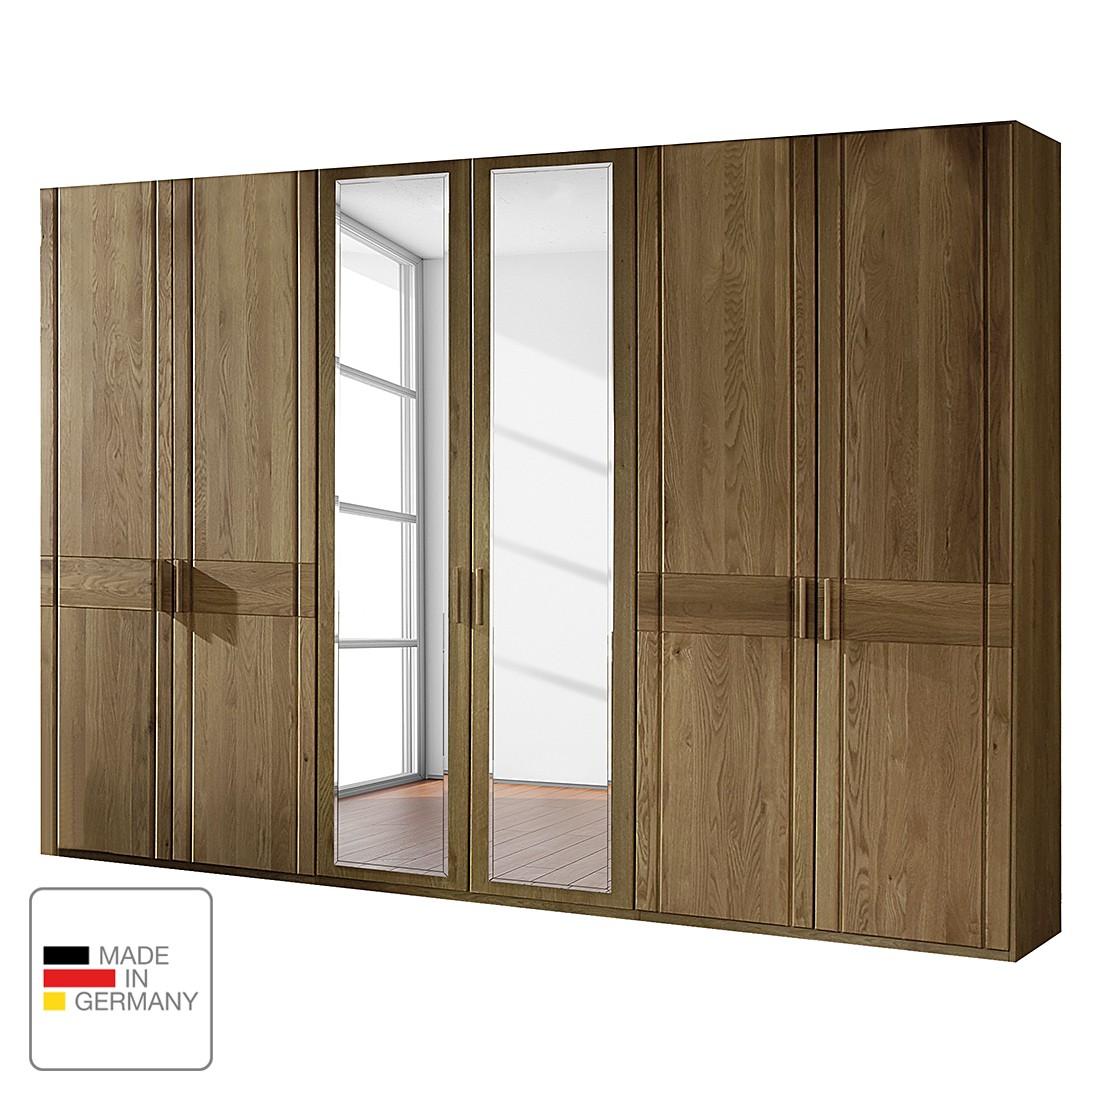 goedkoop Draaideurkast Münster deels massief eikenhout Zonder verlichting 250cm 5 deurs 2 spiegeldeuren Zonder kroonlijst Wiemann